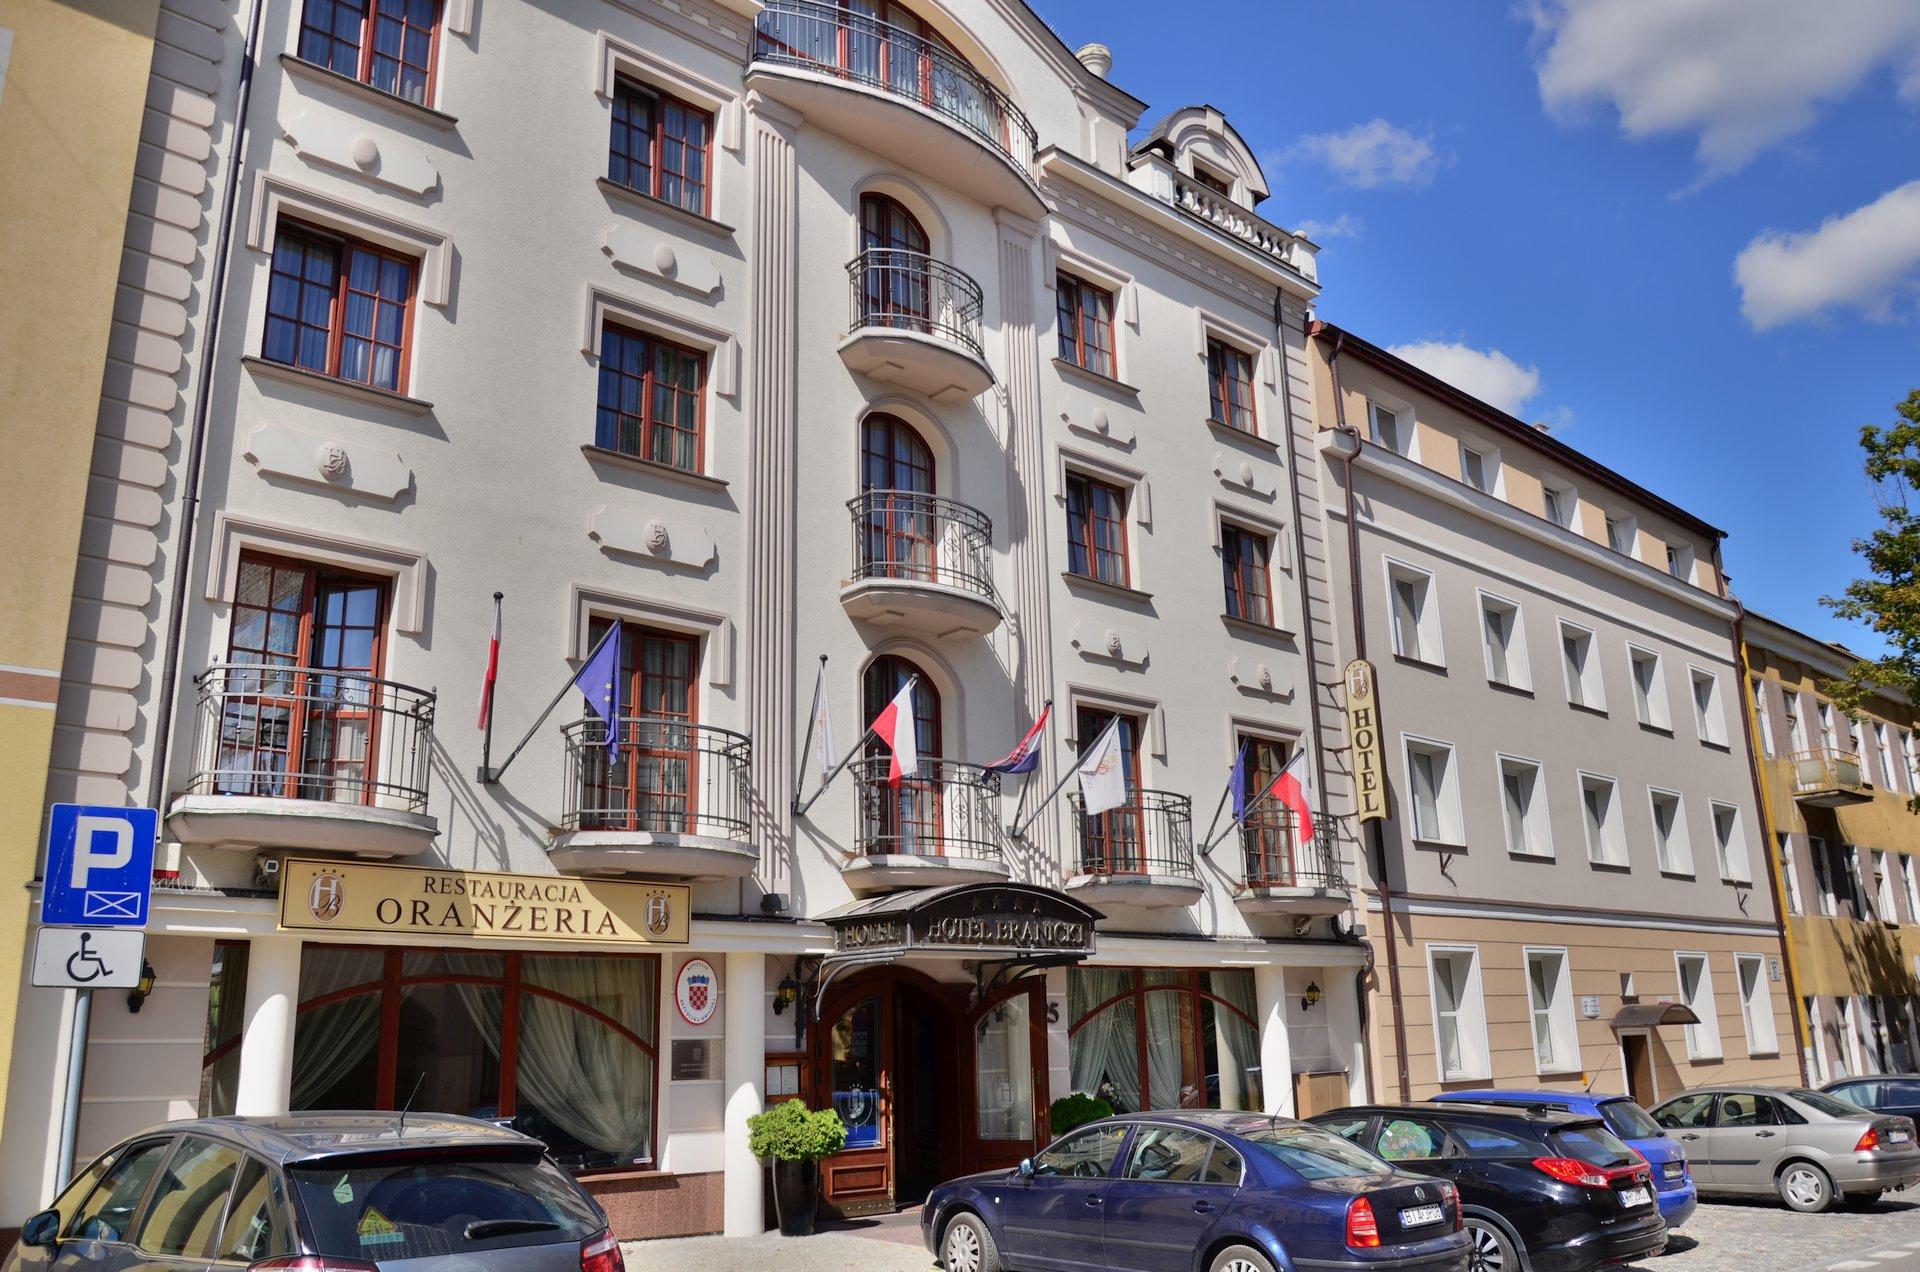 Białystok Zamenhofa centrum hotel Branickifree photo darmowe zdjęcie